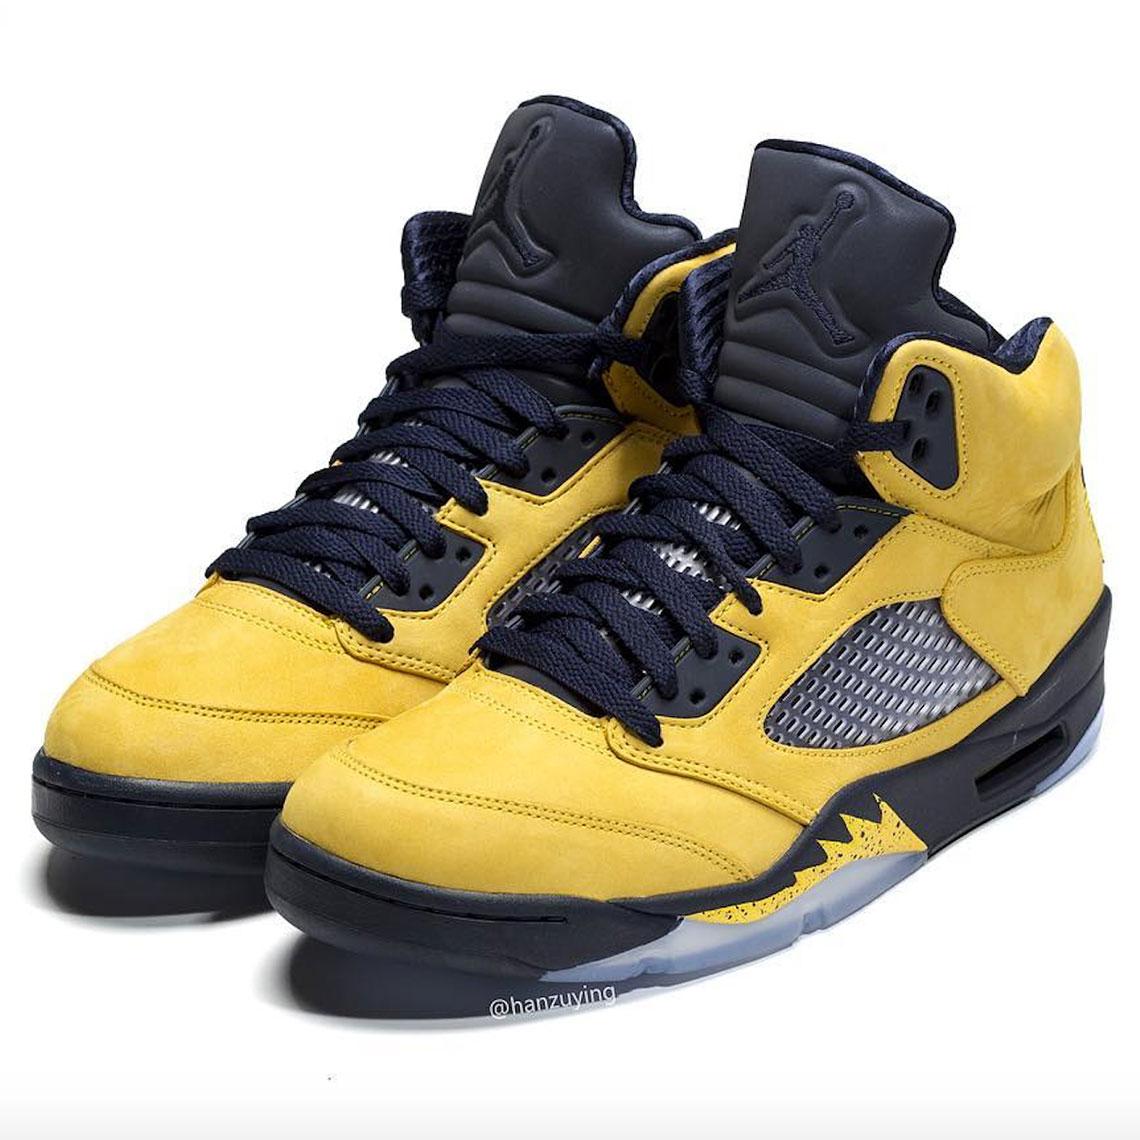 best sneakers dfb5f 16319 Air Jordan 5 Michigan